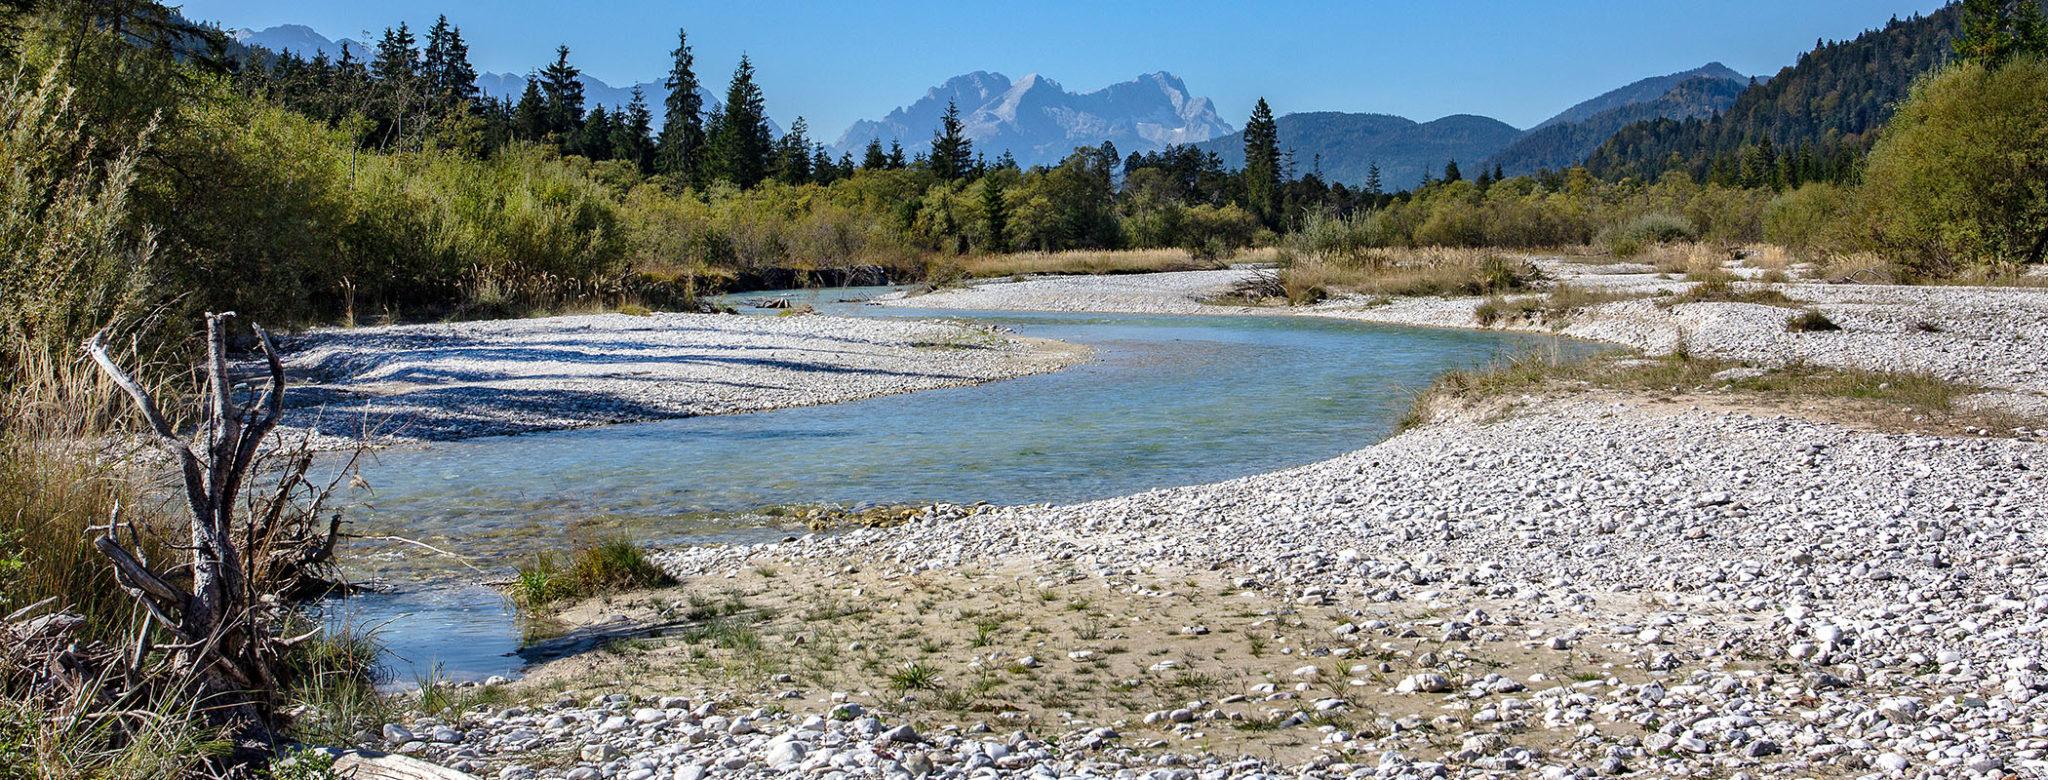 BAYERN: Das Isartal – Wilde Flusslandschaft im Karwendel